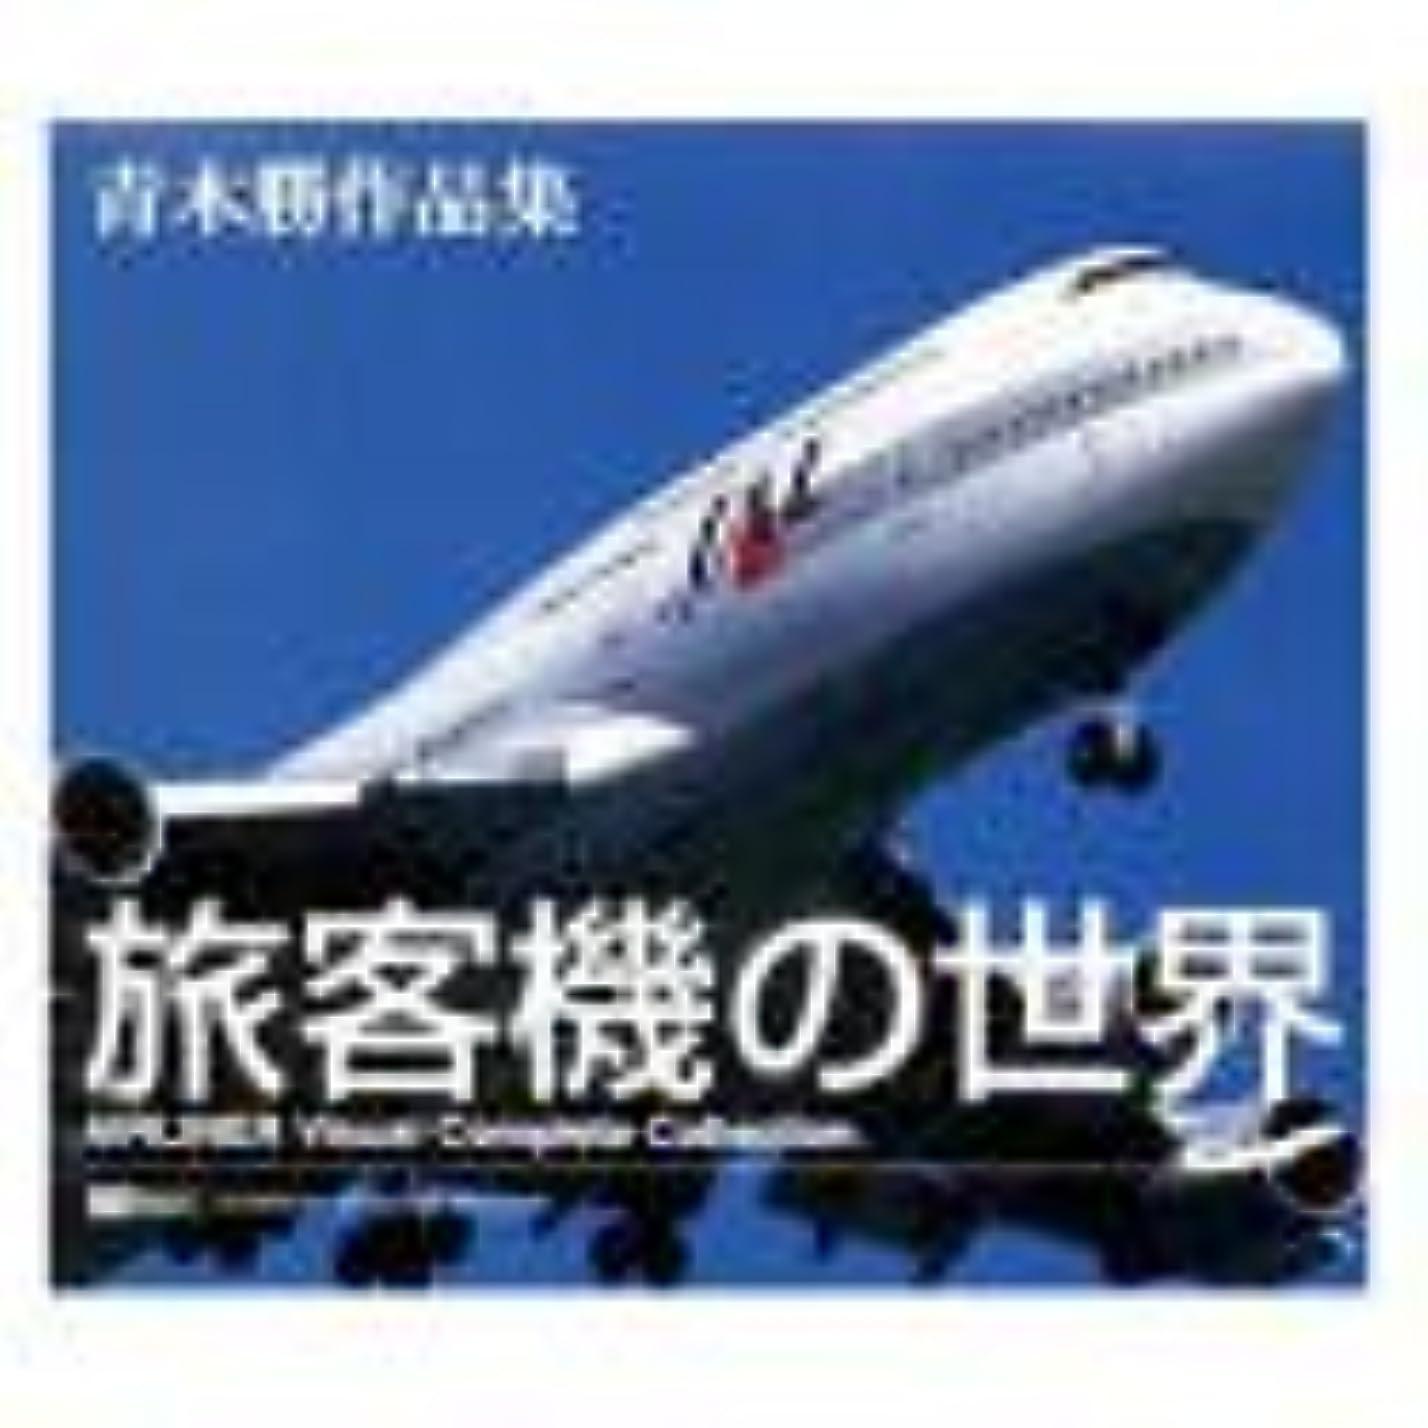 しなやか仕事に行く六月旅客機の世界 青木勝作品集